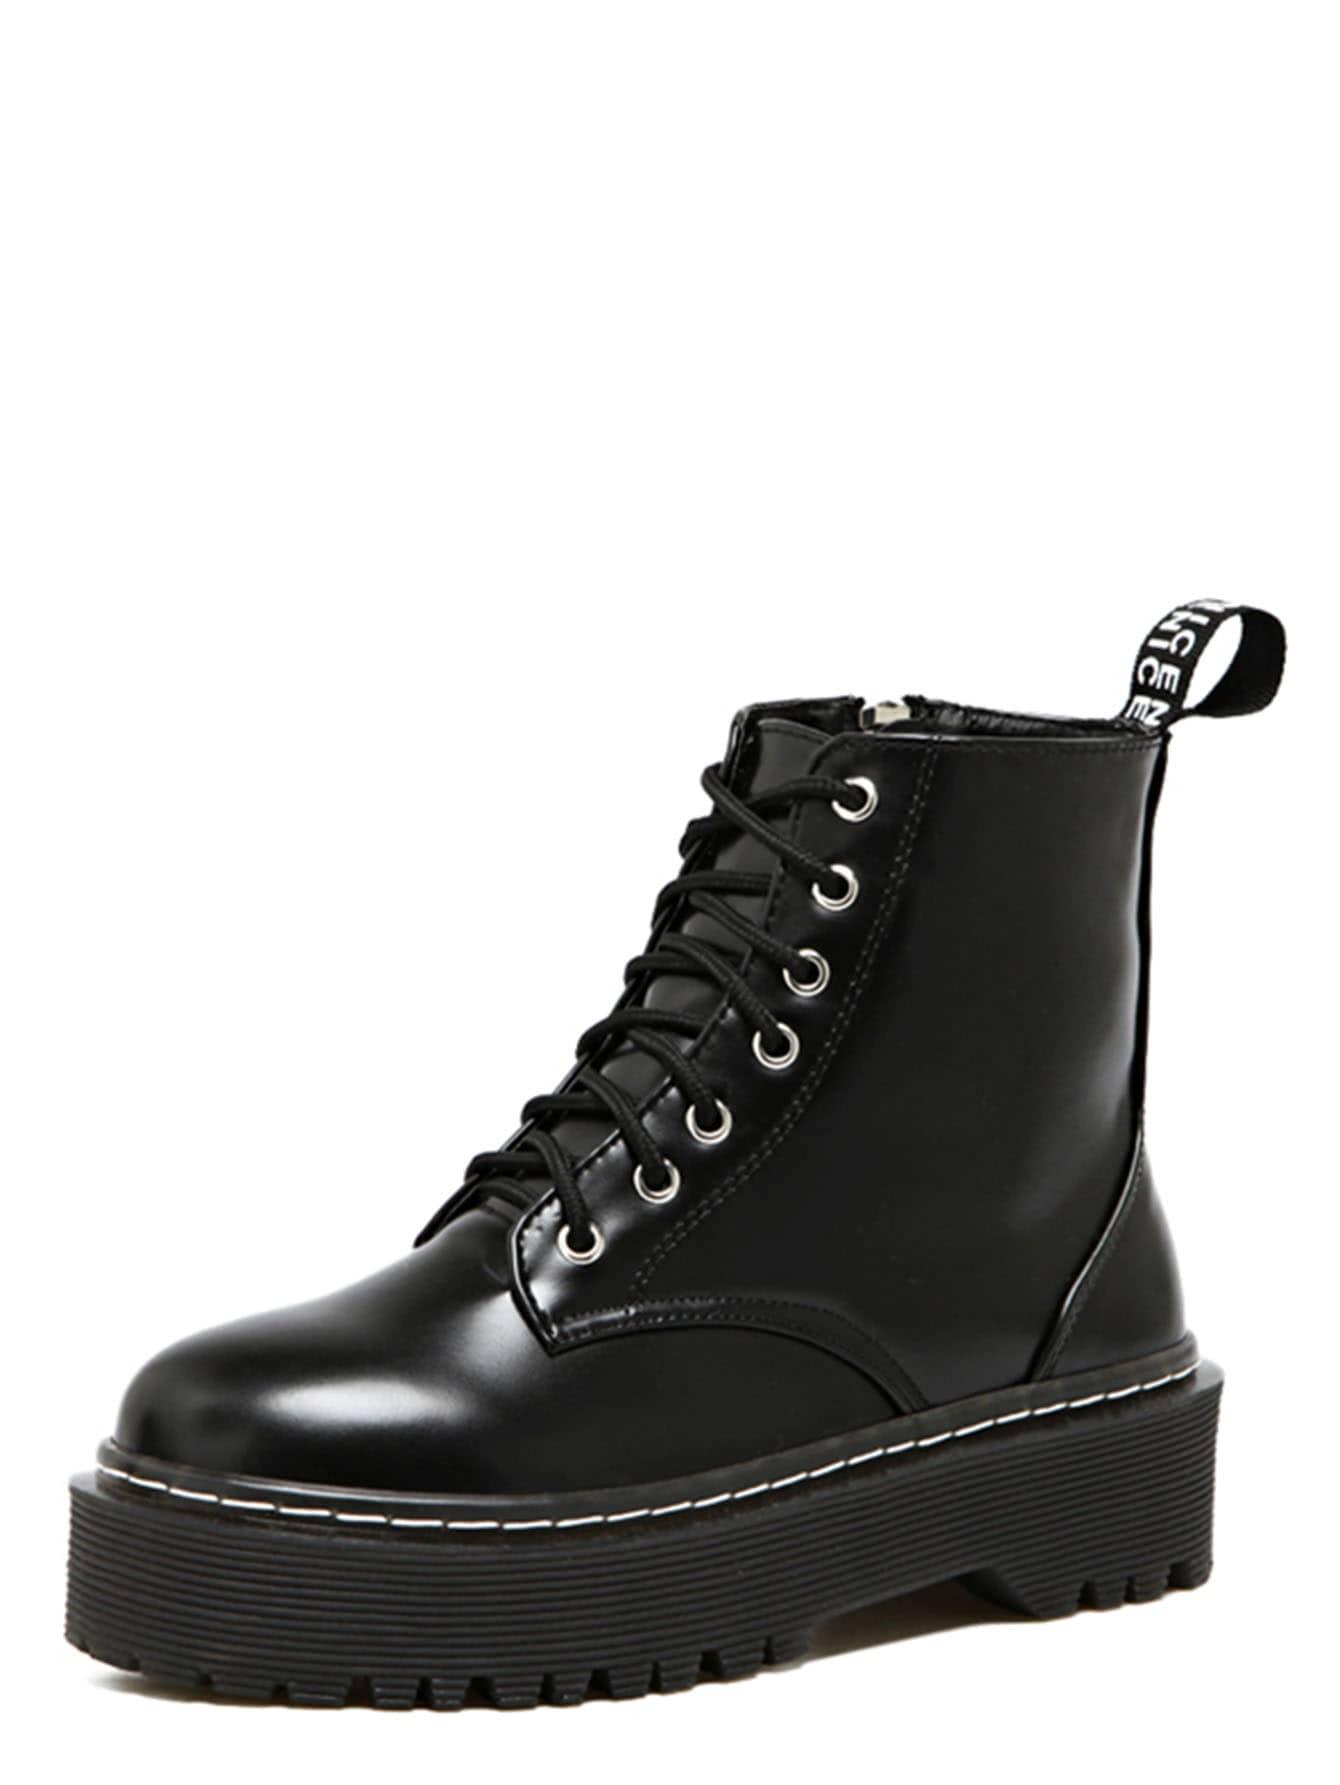 shoes161118807_2